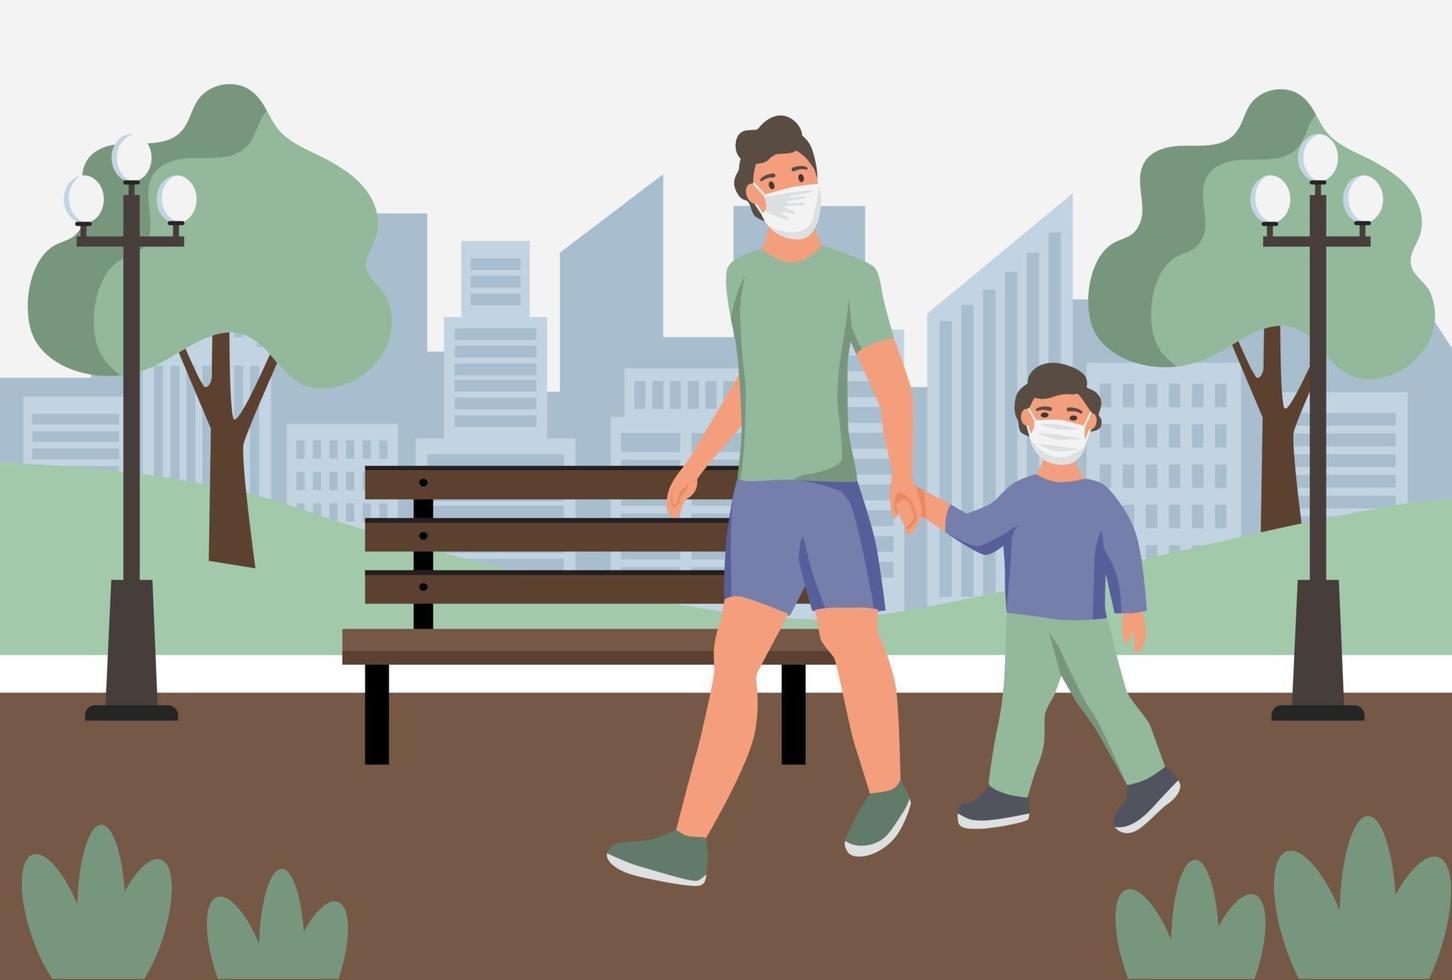 man med barn i skyddande ansiktsdammmasker varg i park. skydd mot luftföroreningar i städer, smog, ånga. koronavirus karantän, andningsvirus koncept. platt tecknad vektorillustration. vektor